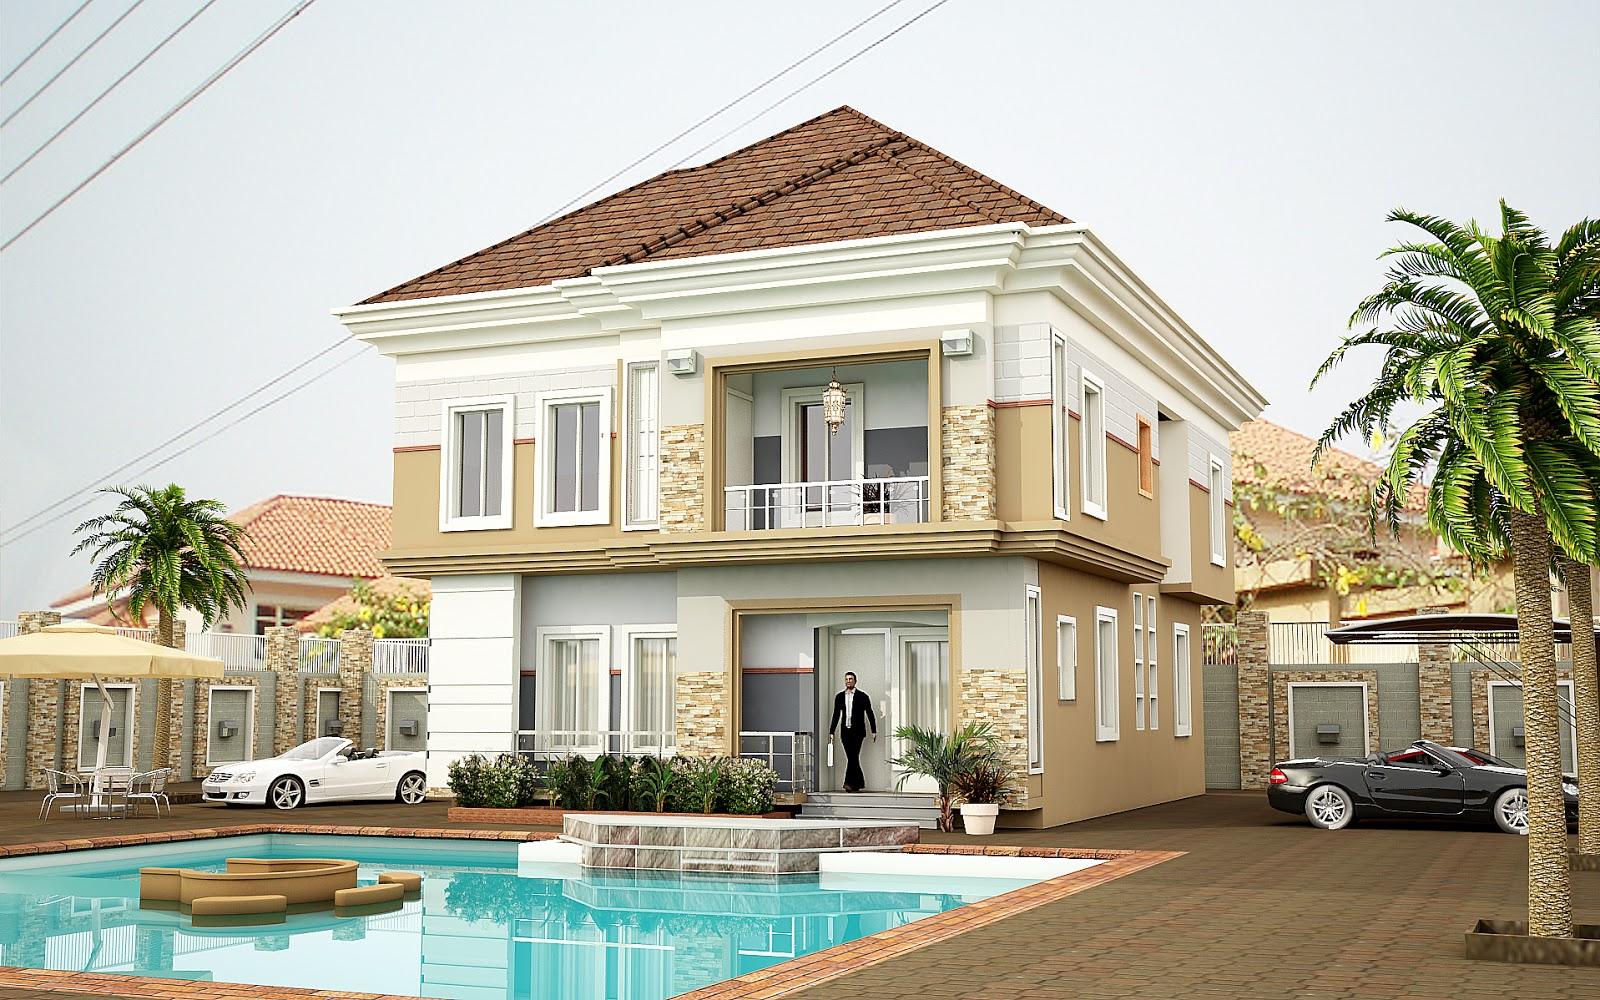 Lekki duplex art graphics video nigeria for Modern duplex house designs in nigeria